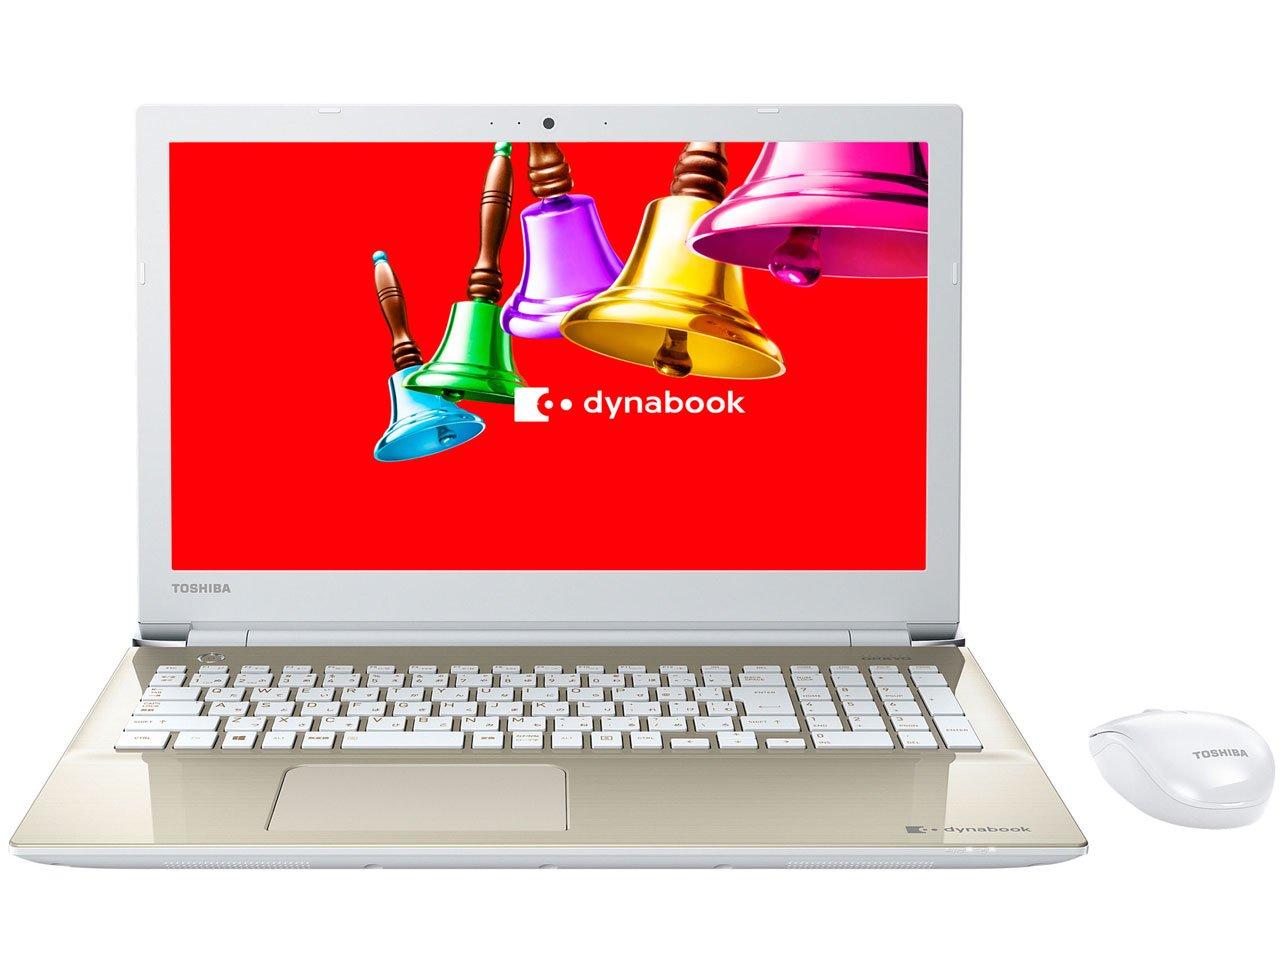 東芝 15.6型ノートパソコン dynabook T45 サテンゴールド(Office Home&Business Premium プラス Office 365 サービス) PT45BGP-SJA2   B01M9BBI5C